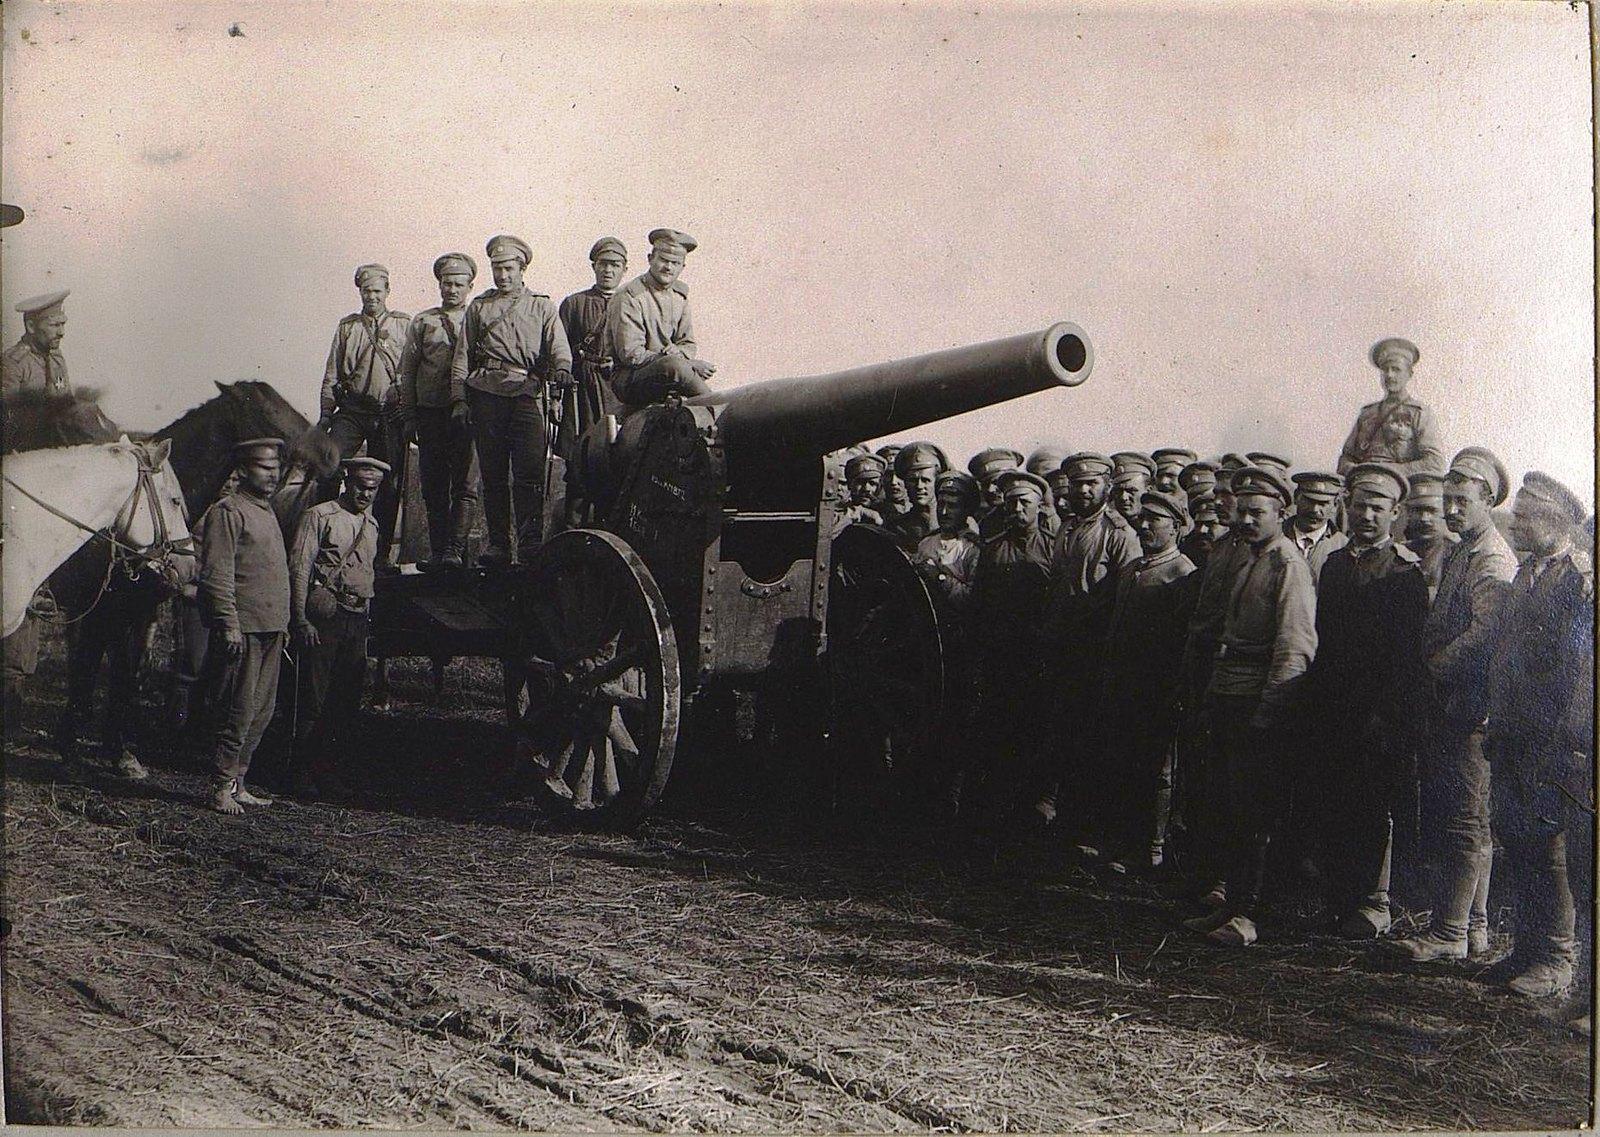 05. Австрийское орудие, захваченное в бою. 31 августа 1915